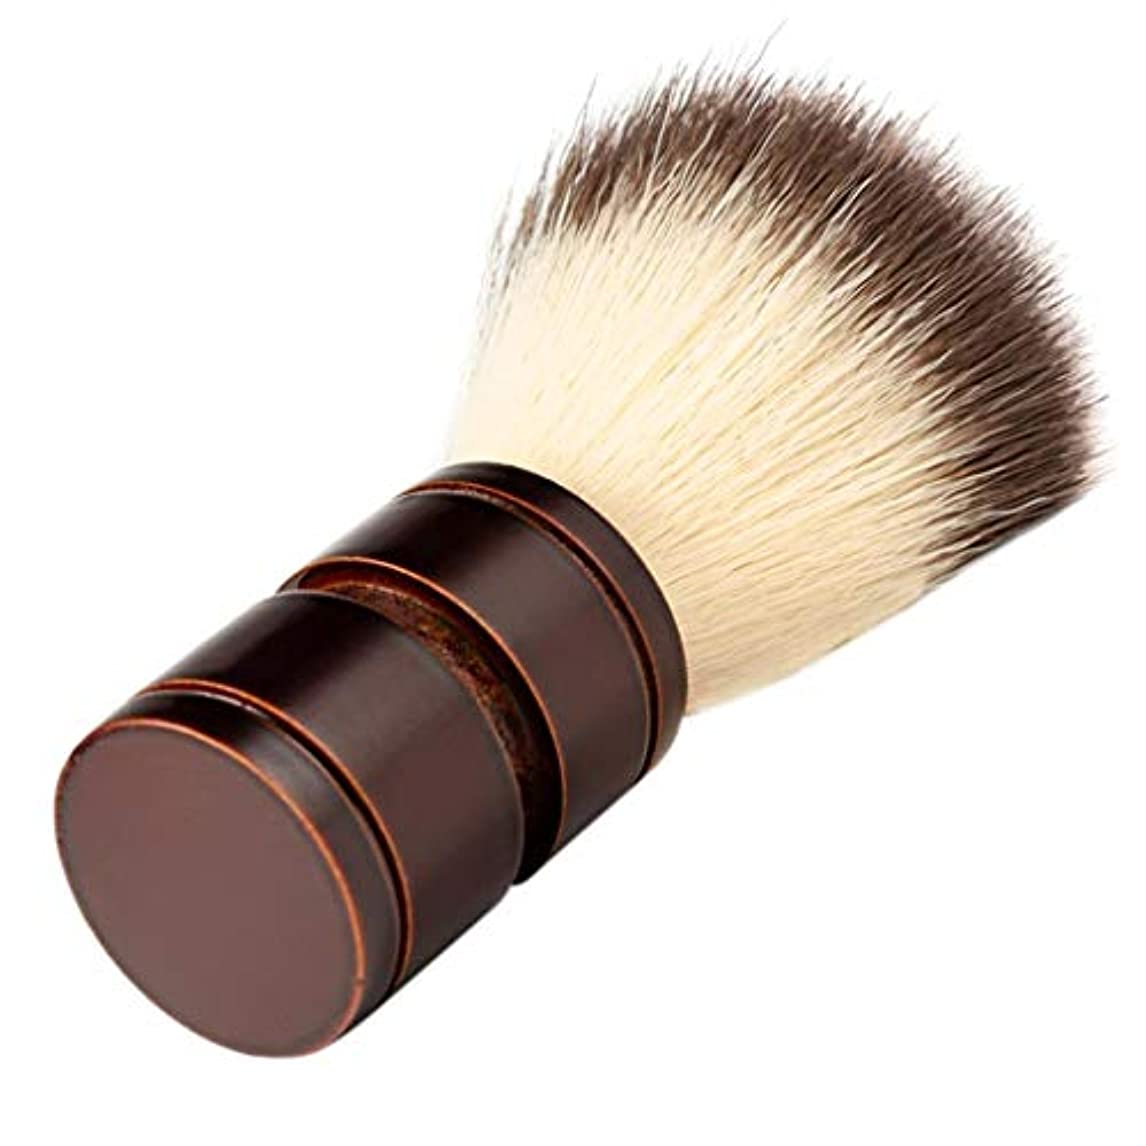 静的乏しい刺すひげブラシ シェービングブラシ ひげ剃り 柔らかい 髭剃り 泡立ち 理容 美容ツール